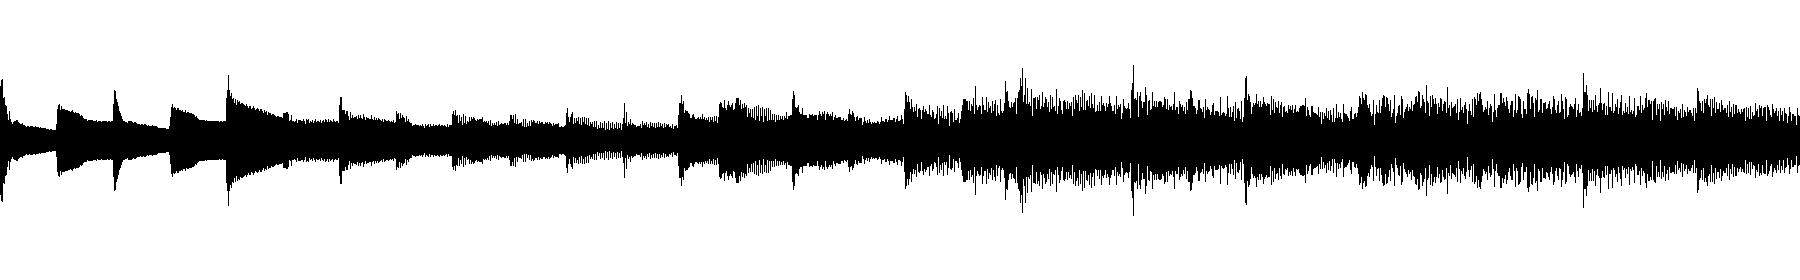 78 a harmonicgtr sp 01